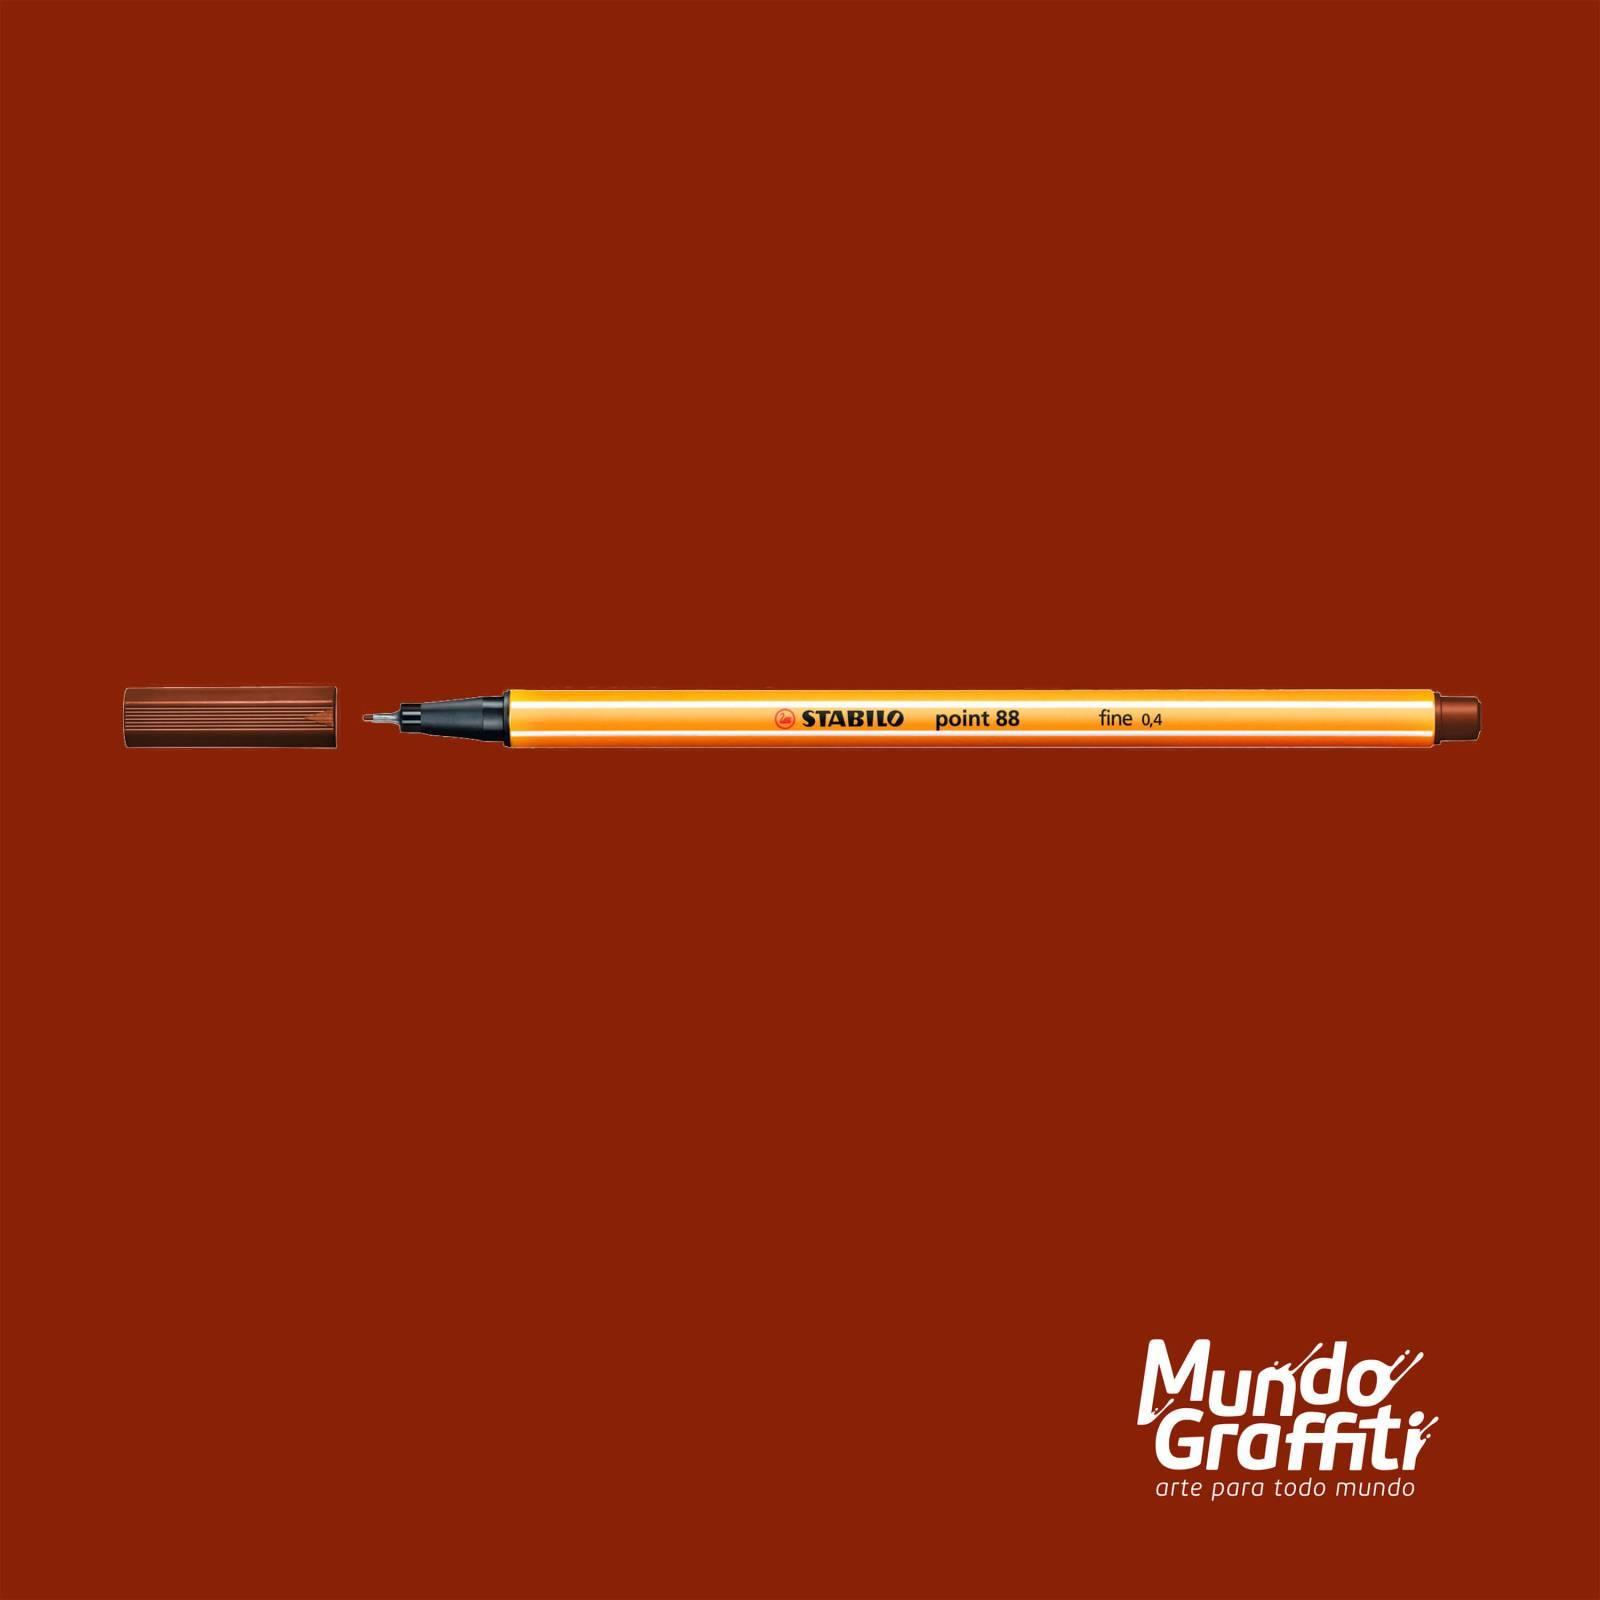 Caneta Stabilo Point 88/45 Marrom Escuro 0,4mm - Mundo Graffiti